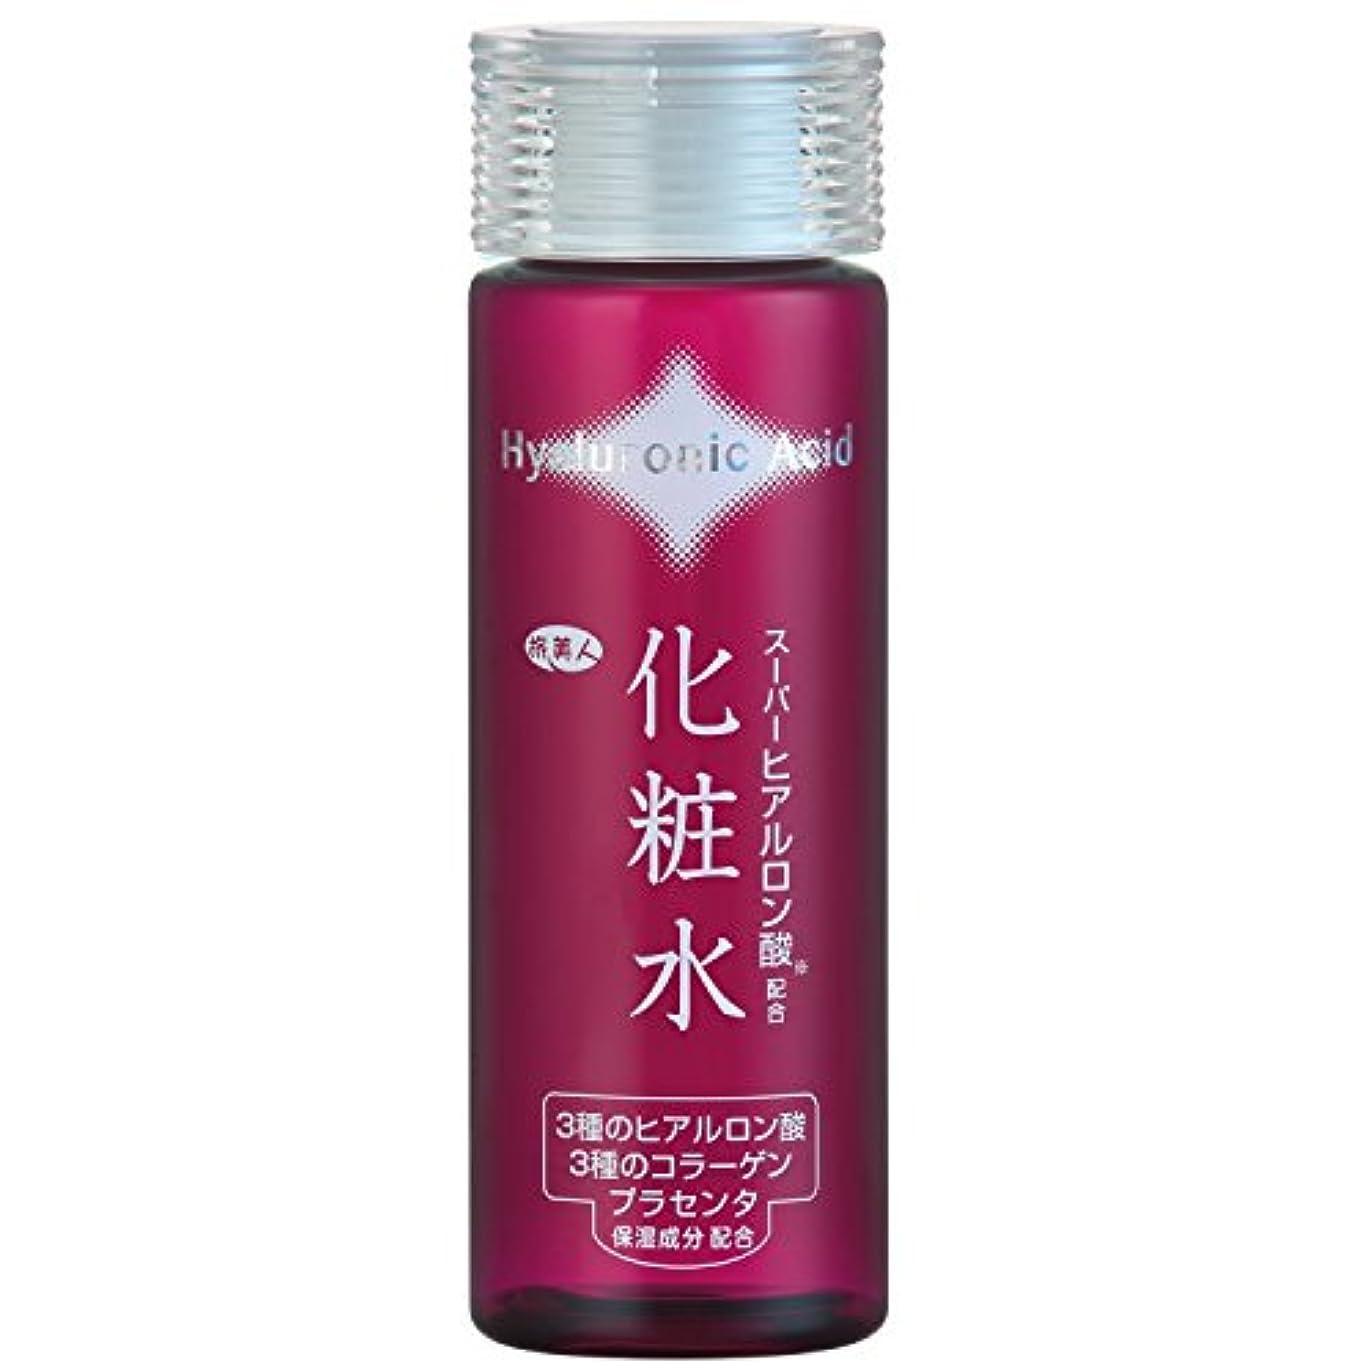 百フィード残忍なアズマ商事のスーパーヒアルロン酸配合化粧水